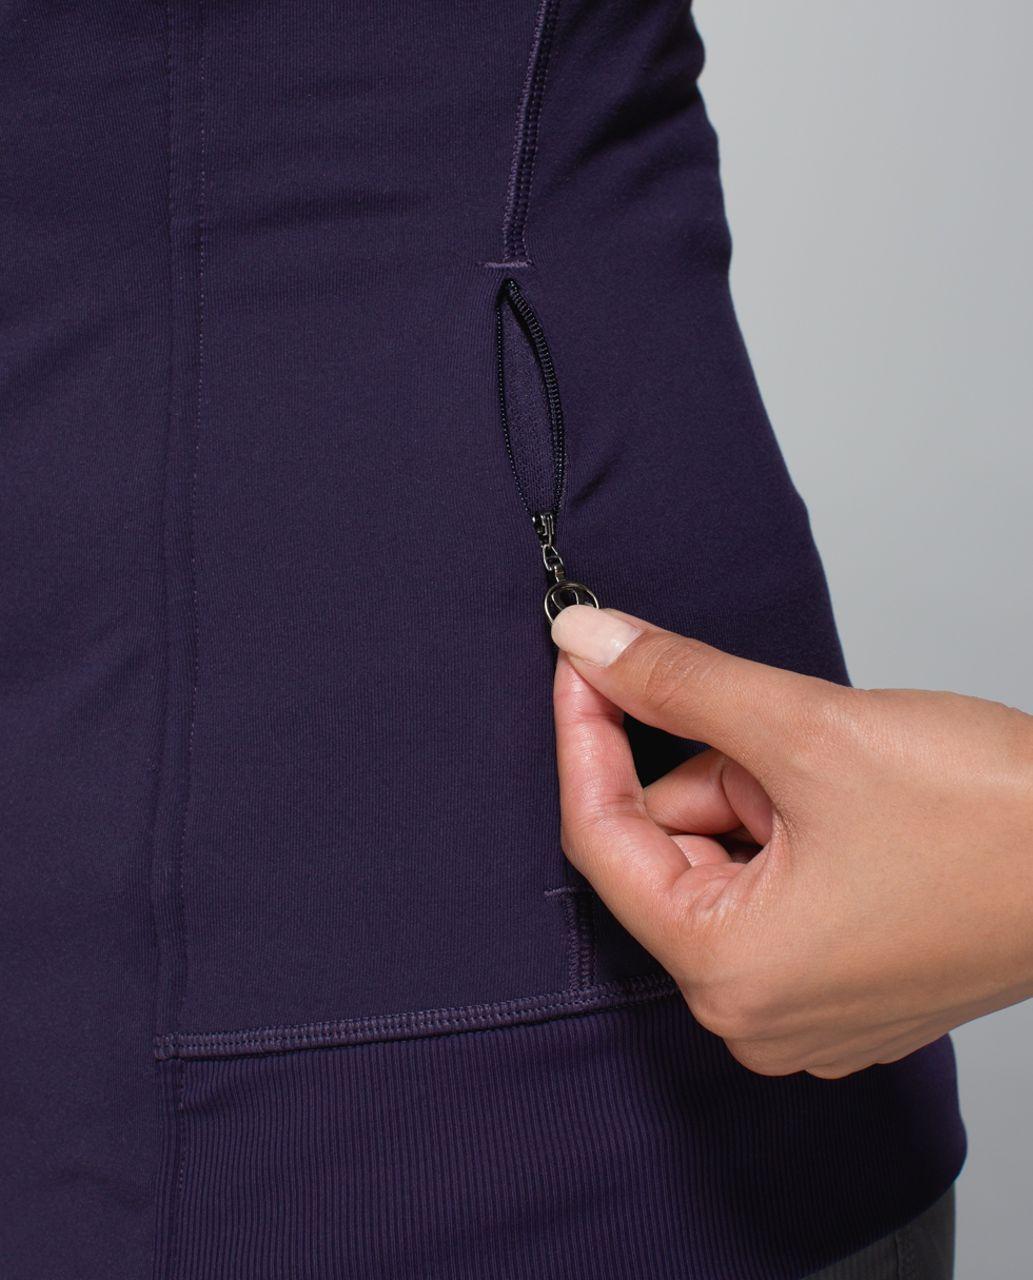 Lululemon Bhakti Yoga Jacket - Black Grape